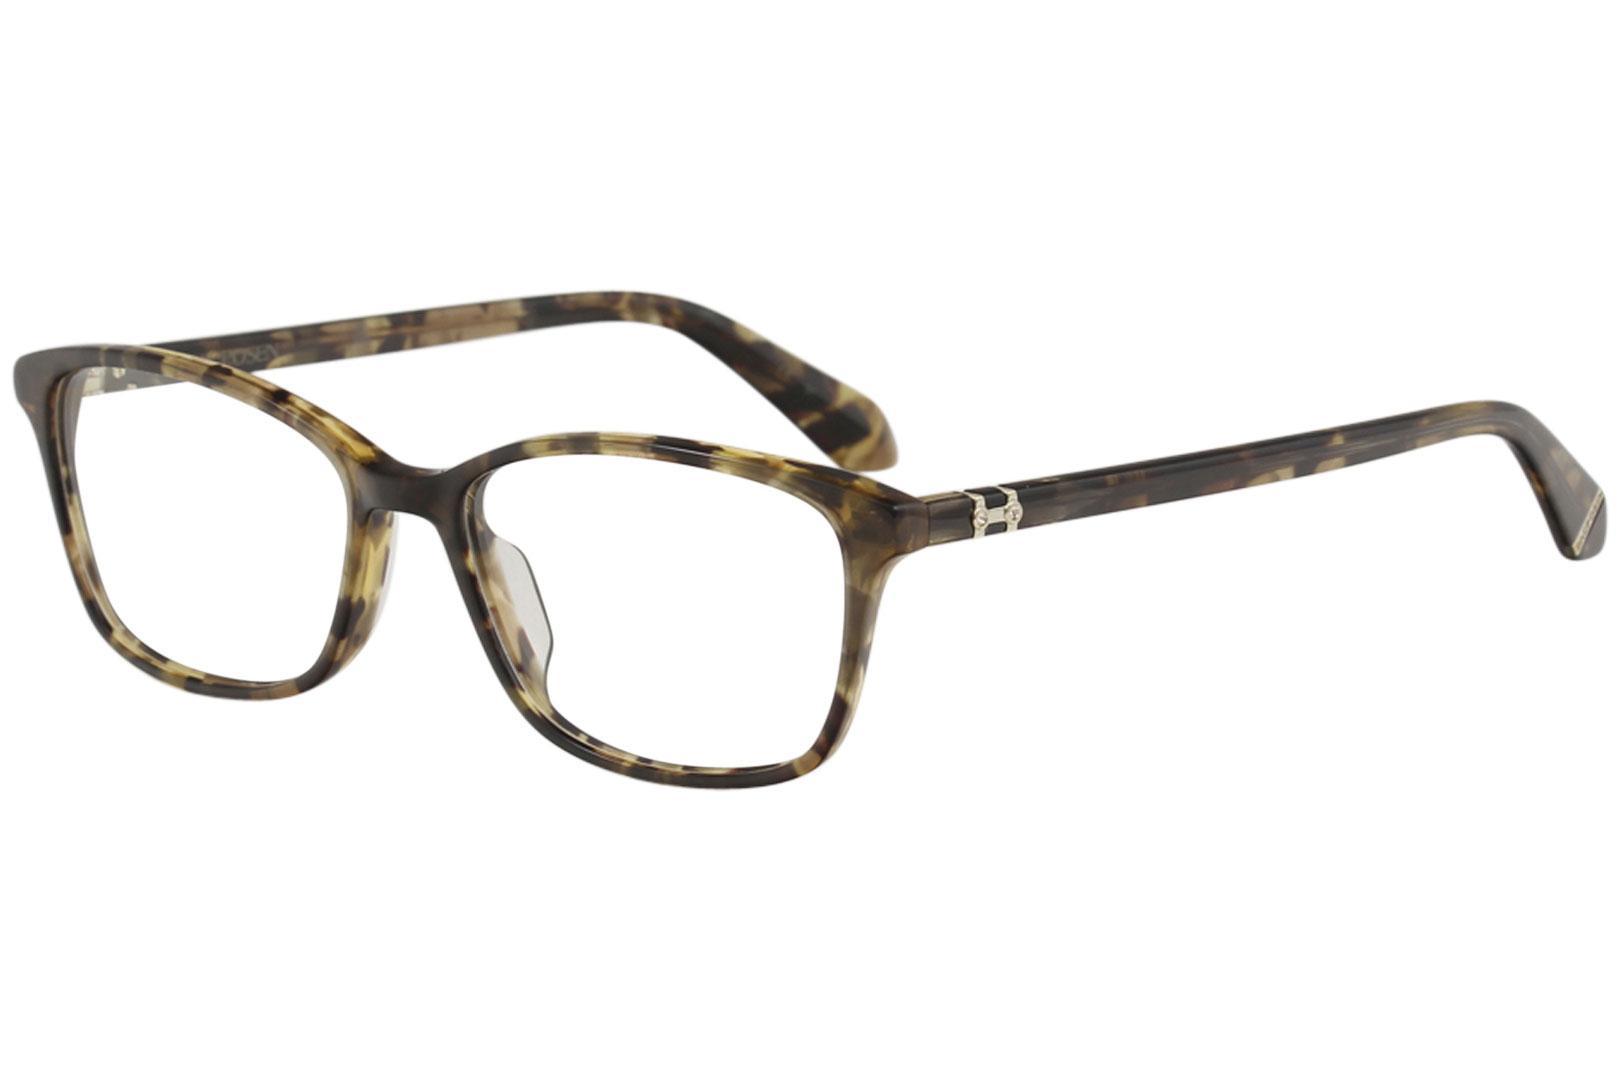 Image of Zac Posen Women's Eyeglasses Cecilee Full Rim Optical Frame - Tortoise   TO - Lens 52 Bridge 16 Temple 138mm